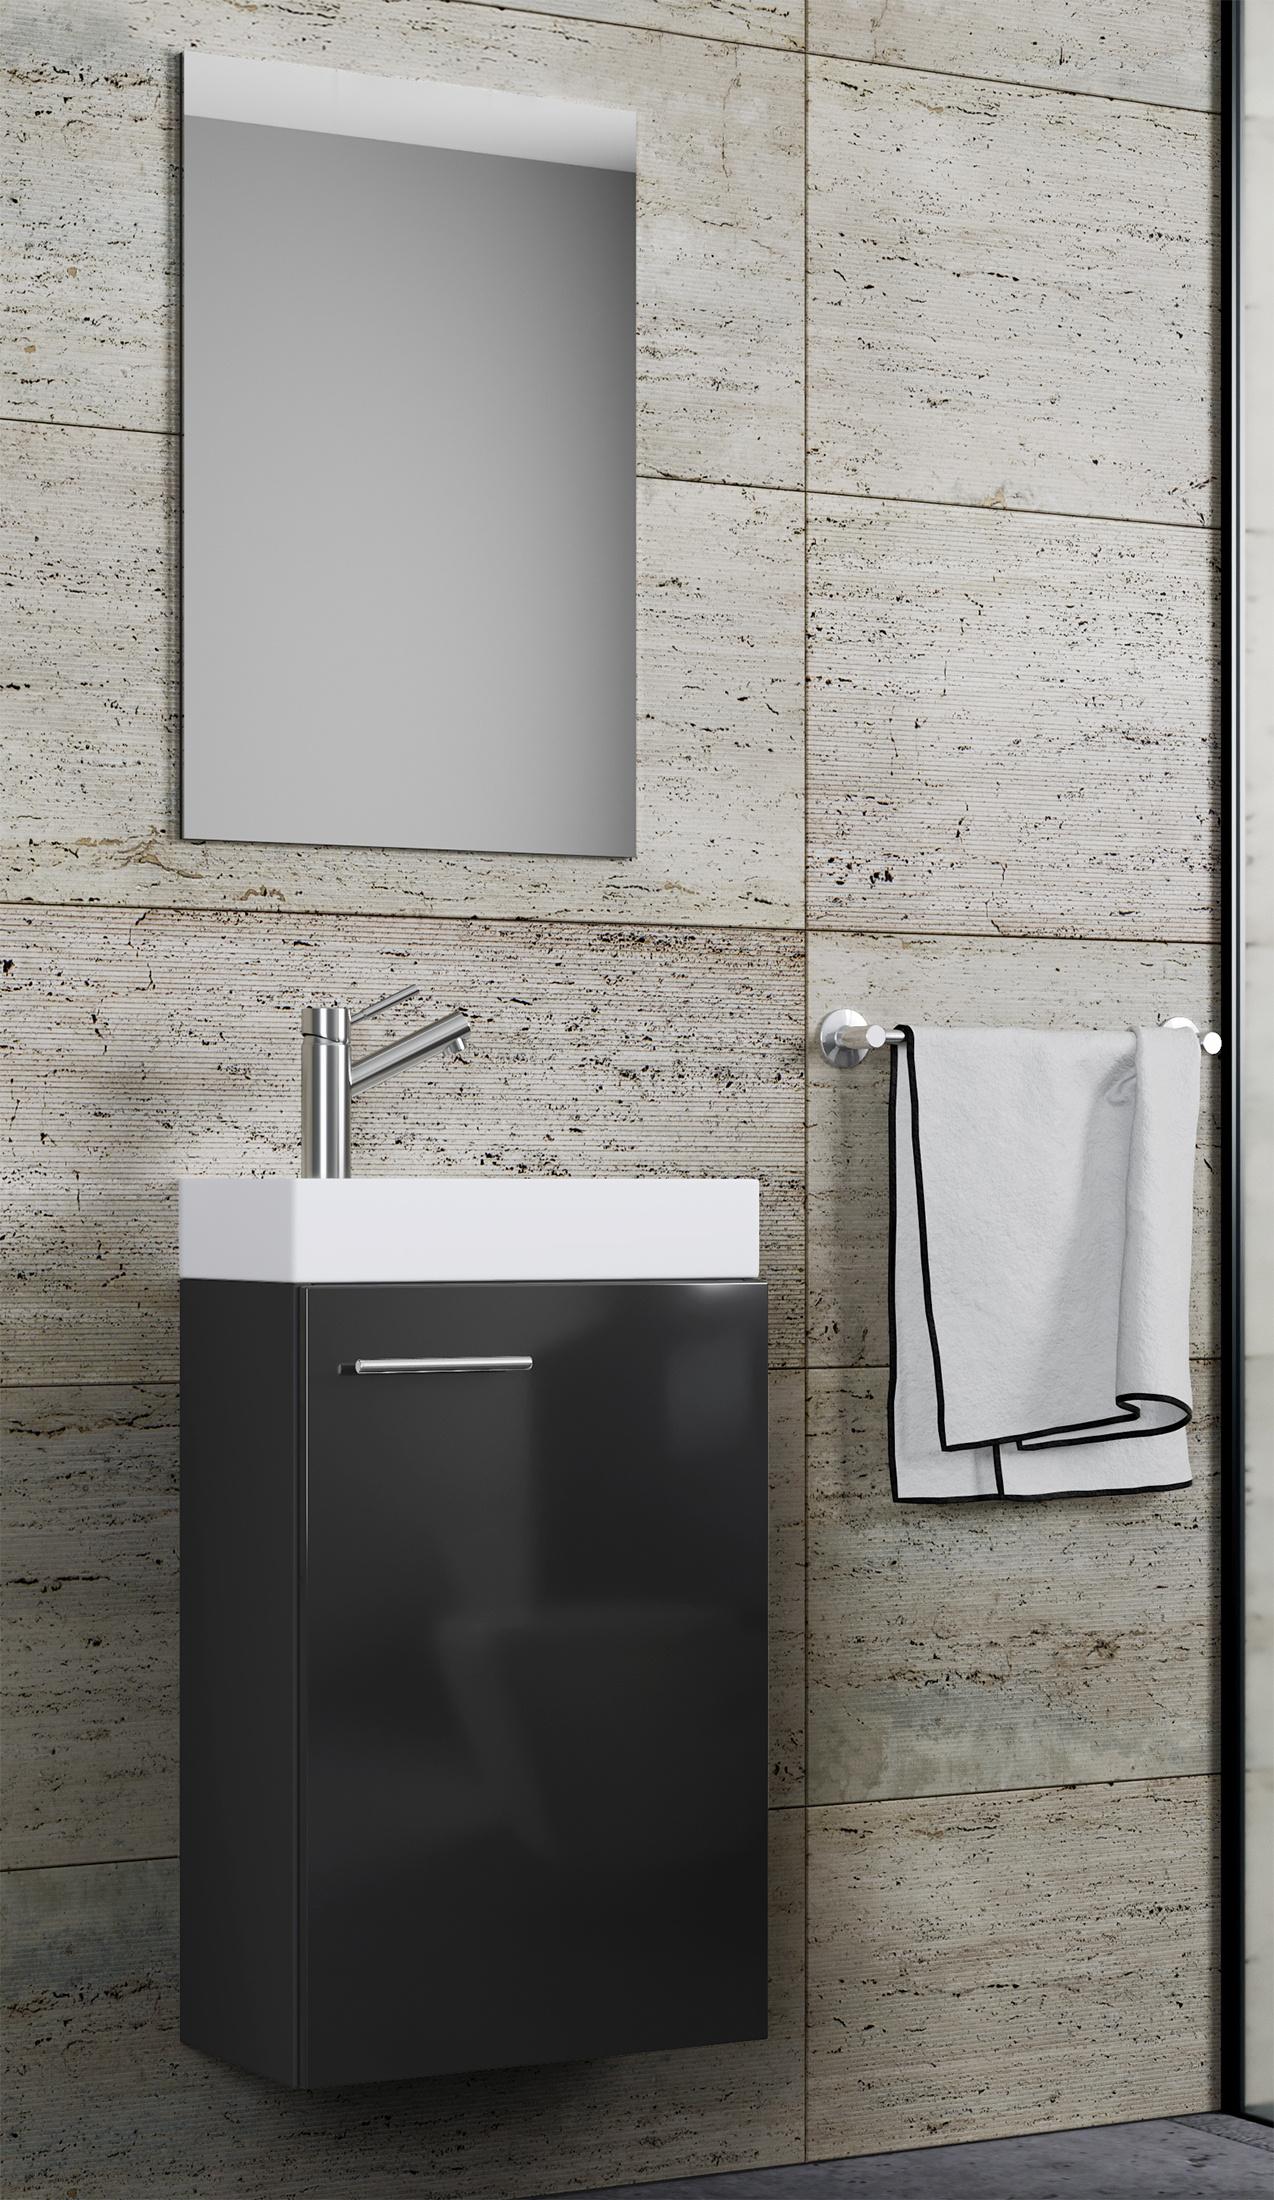 Waschplatz Waschbecken mit Schrank Spiegel schwarz WC Gäste Toilette schmal NEU